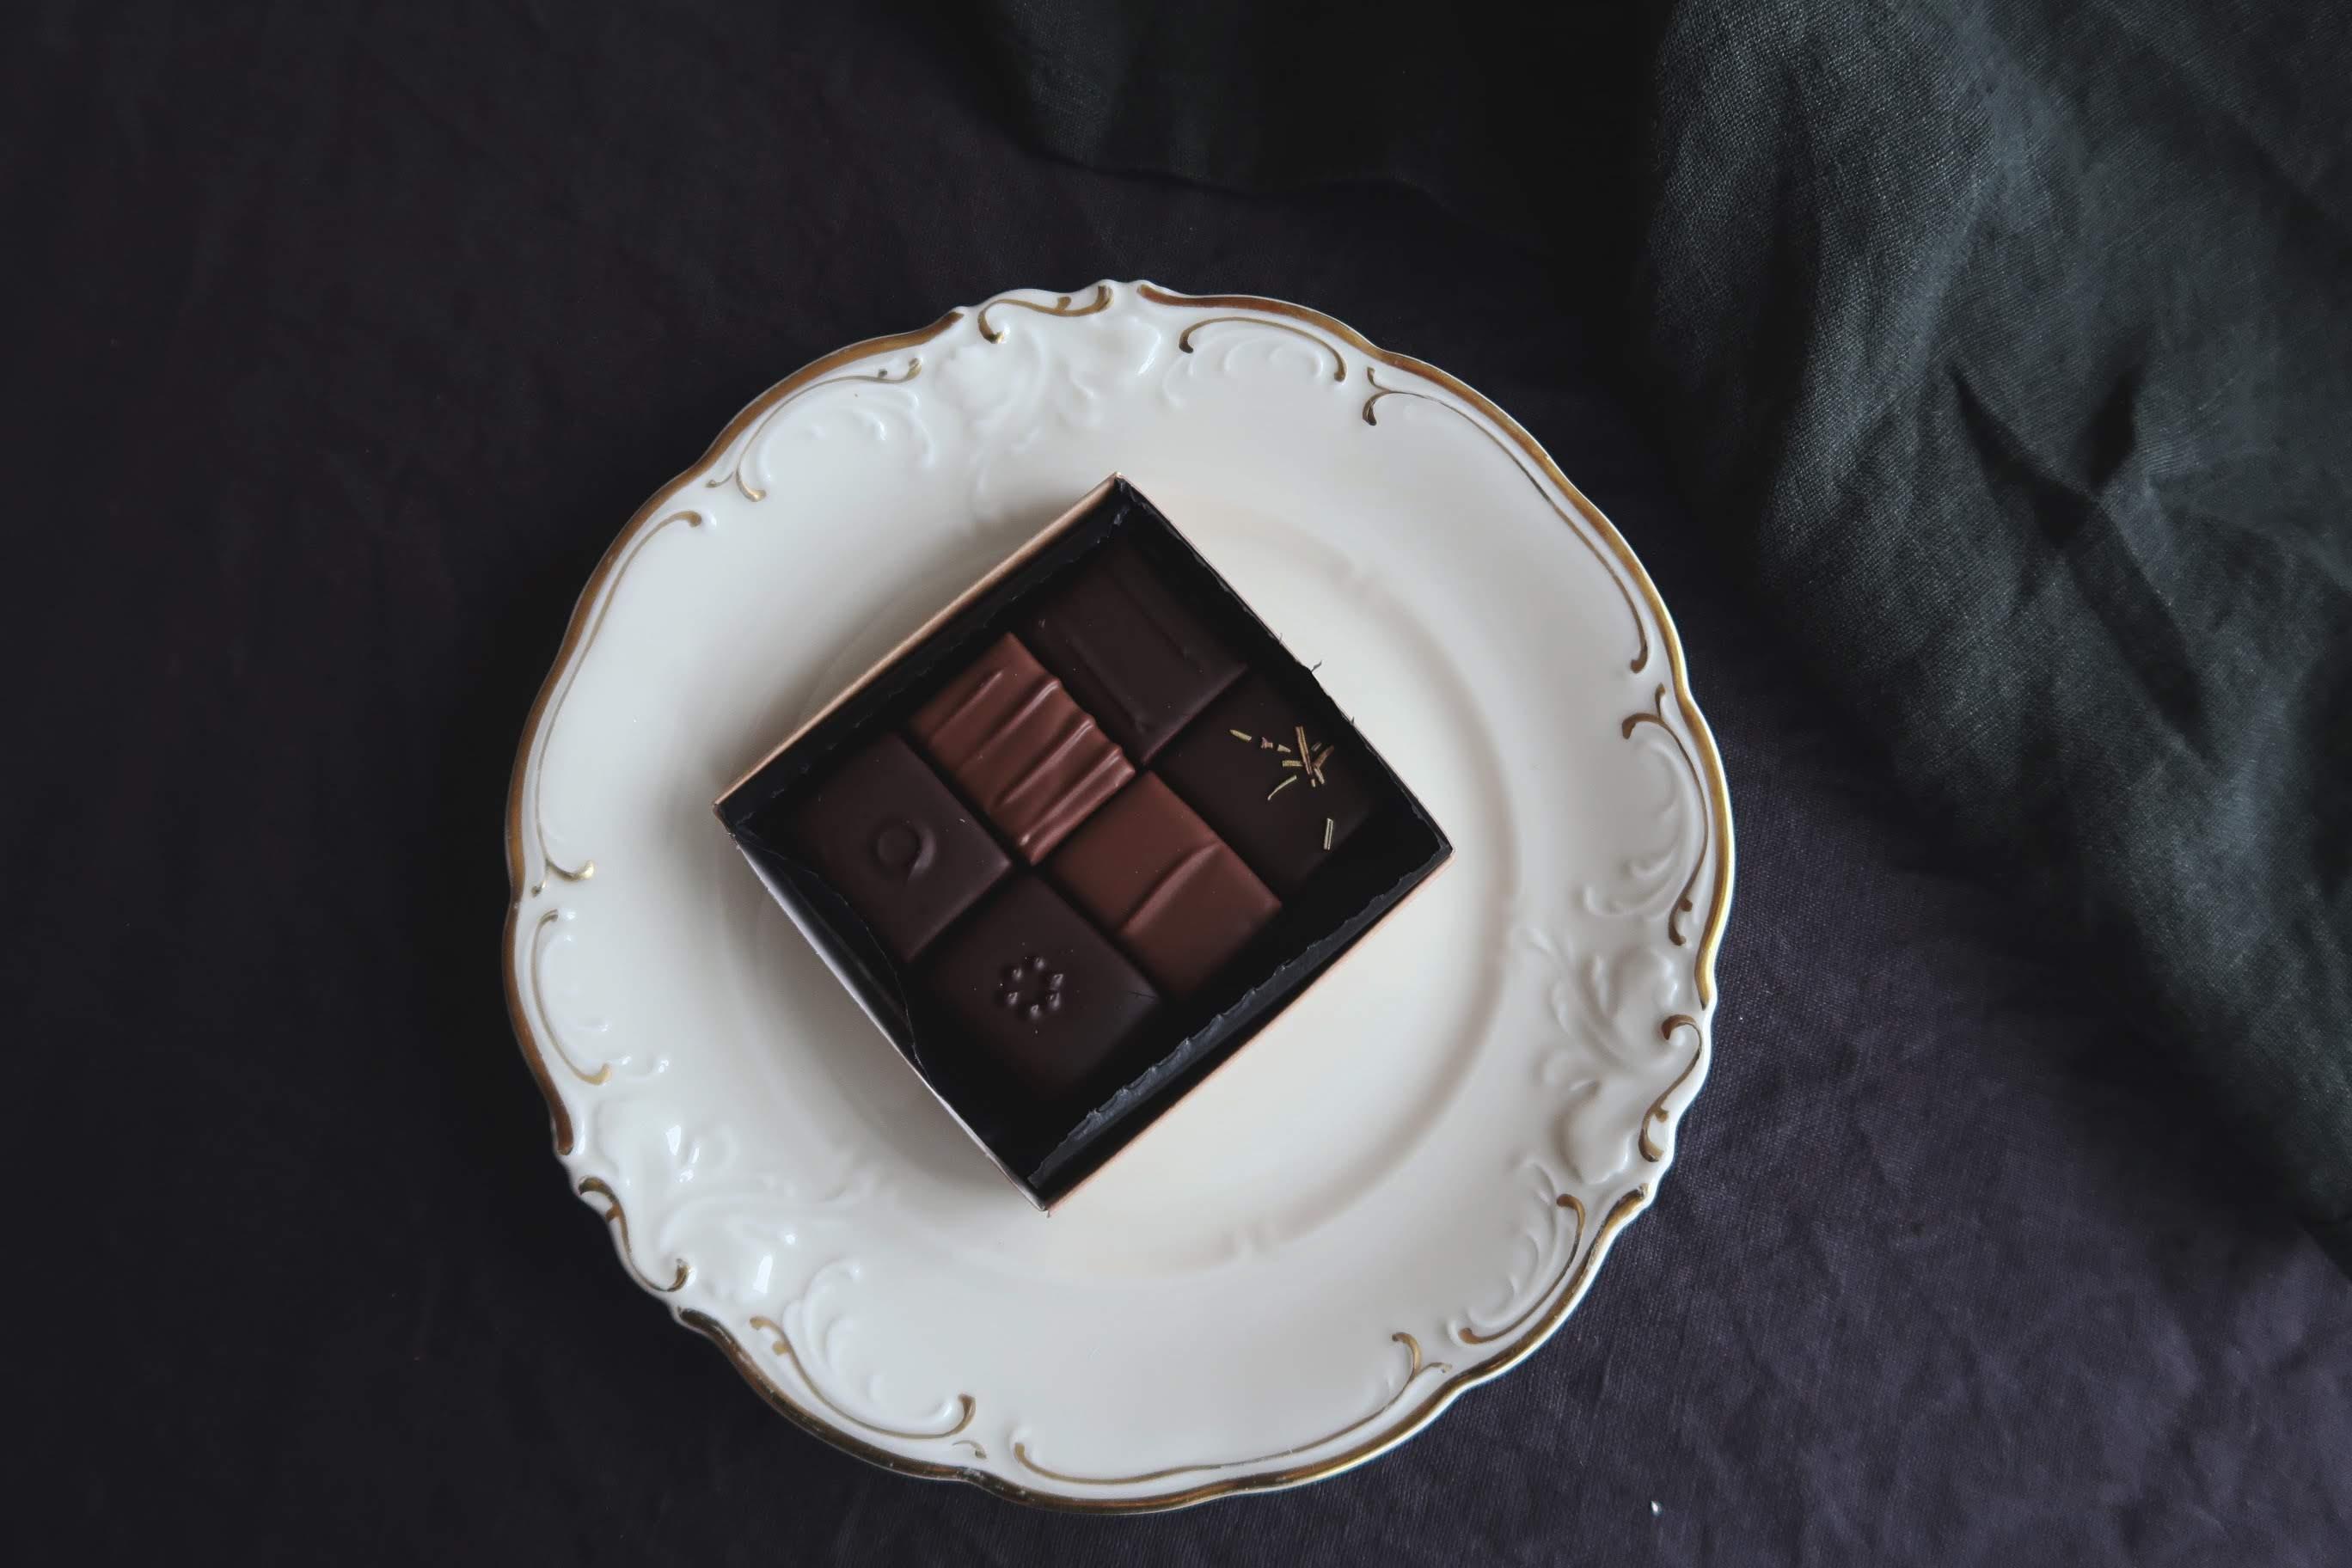 Ljuvliga praliner från Österlenchoklad